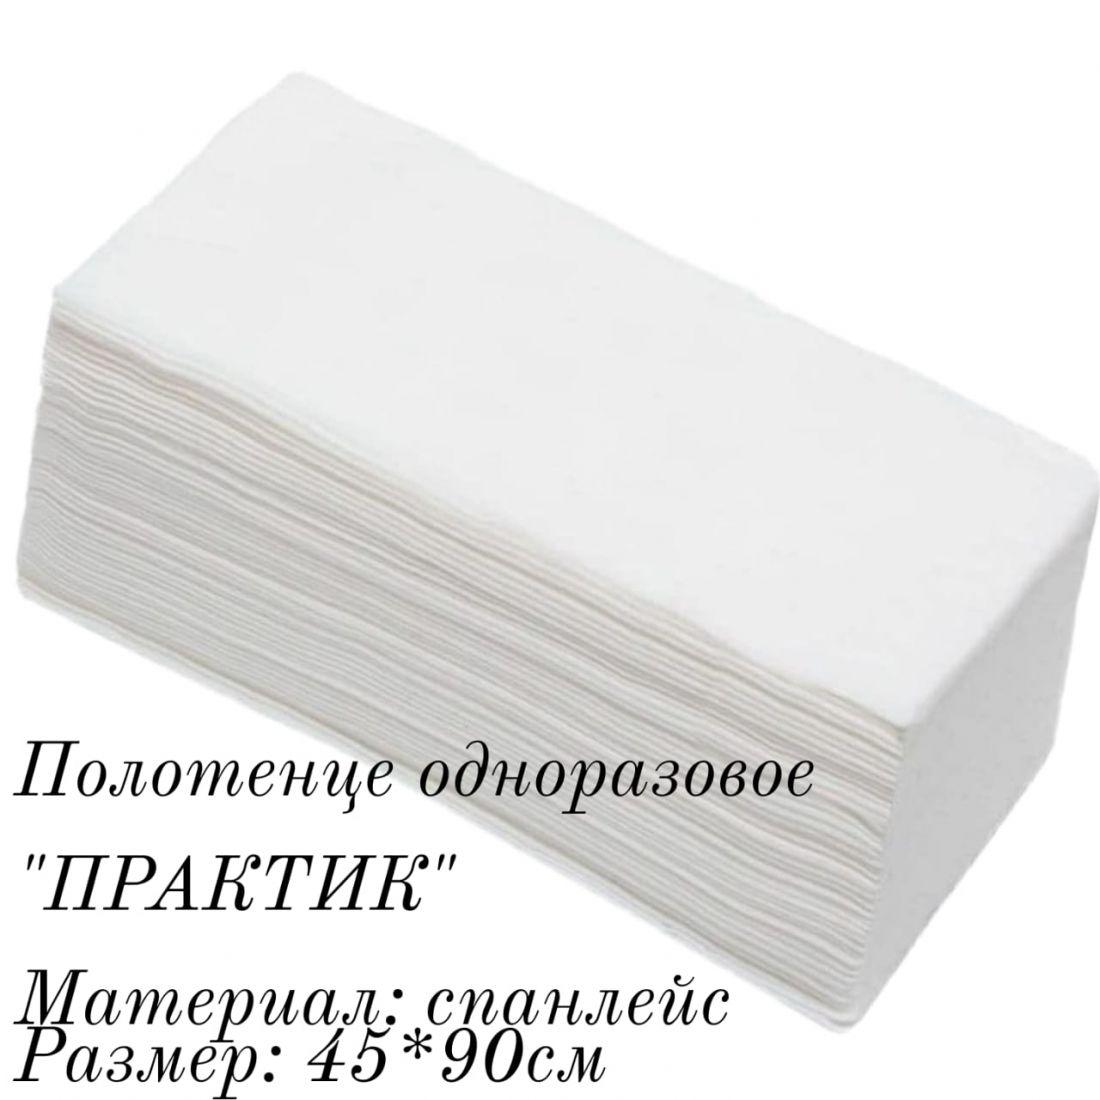 """Полотенца 45*90 Спанлейс """"Практик"""" non-stop 50шт"""